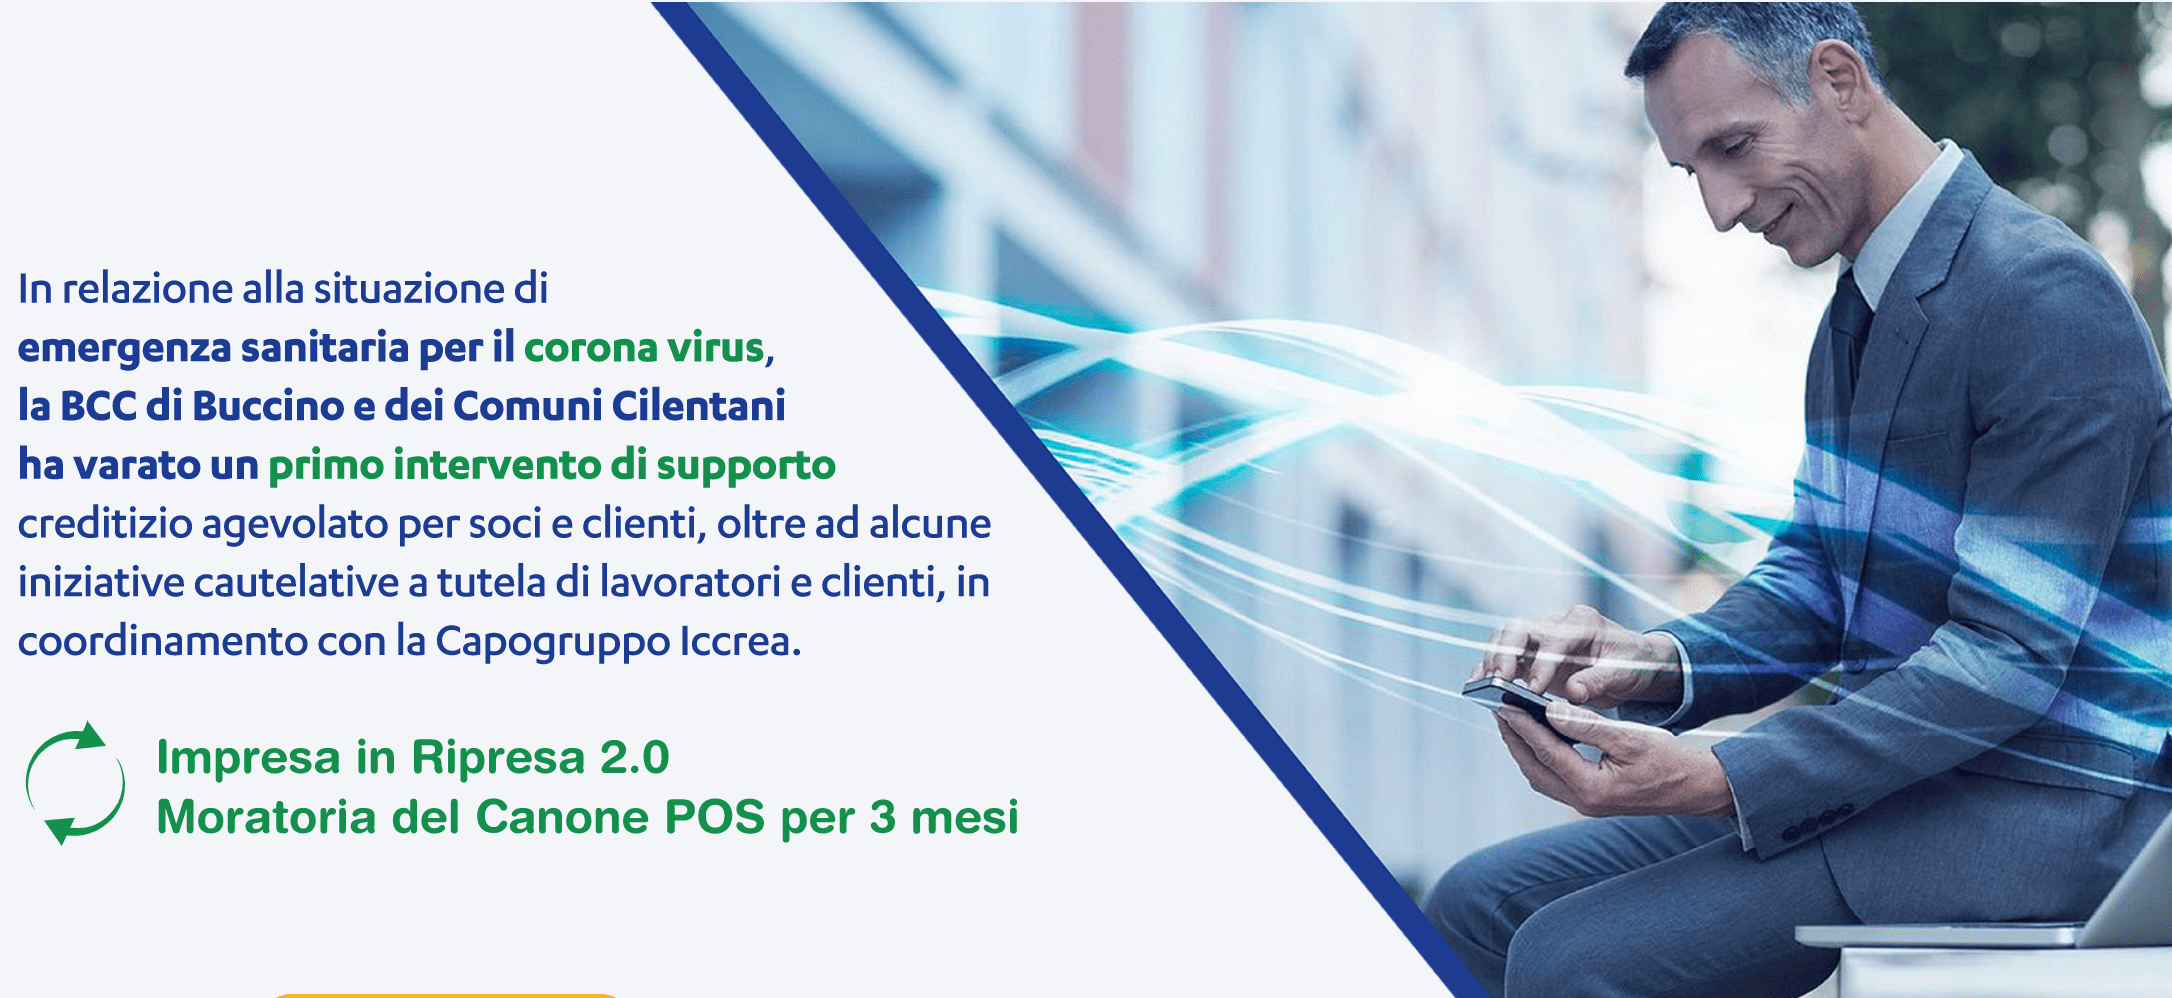 Impresa in ripresa 2.0 BCC Buccino Comuni Cilentani